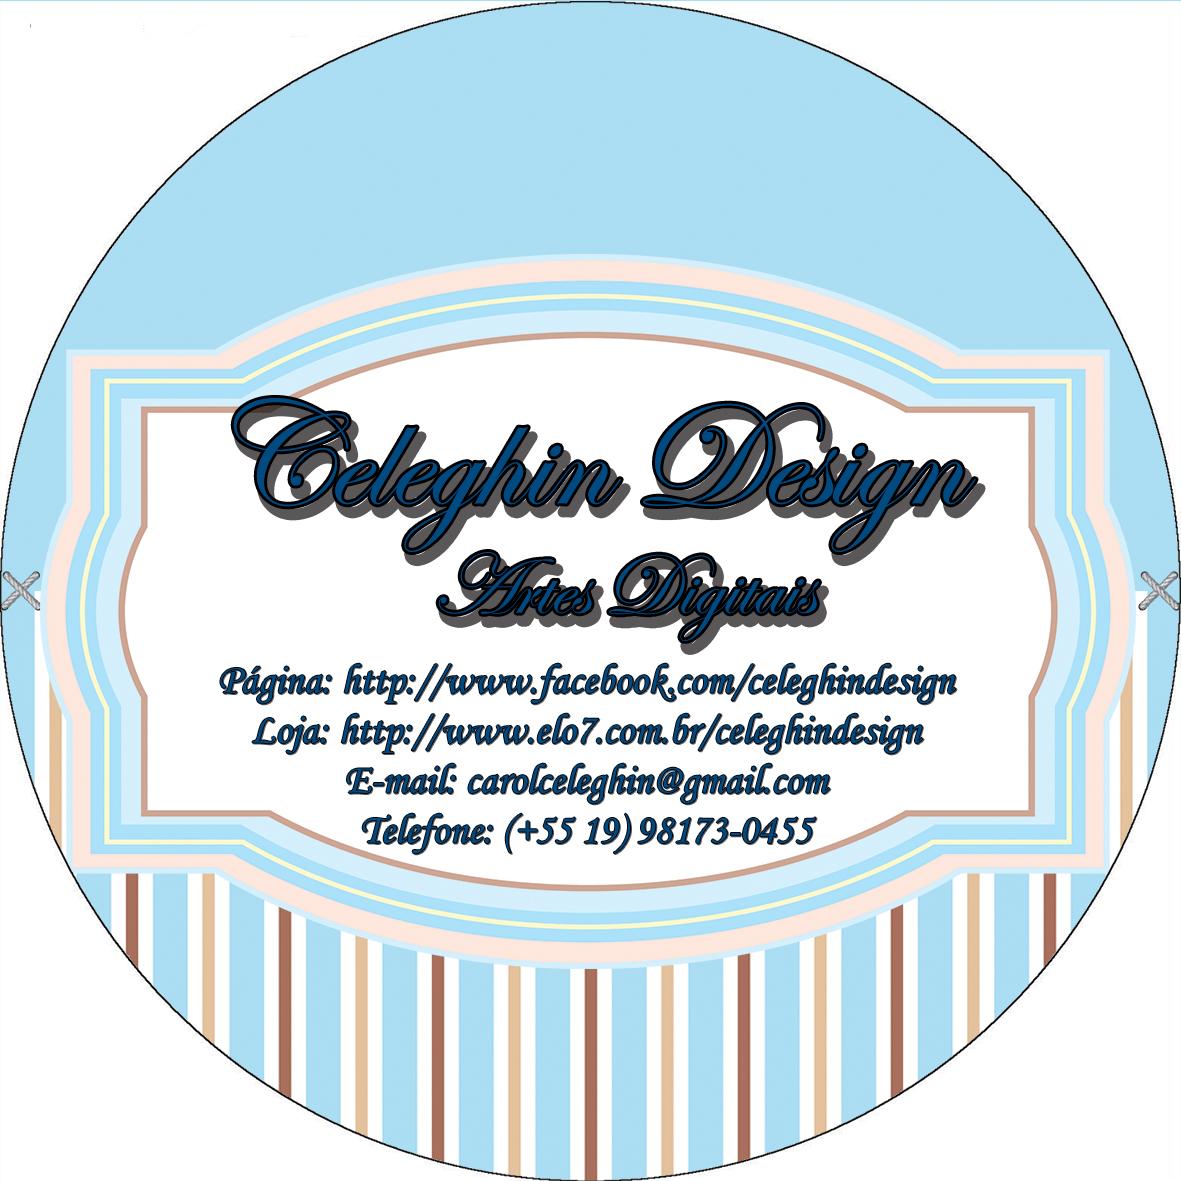 Celeghin Design